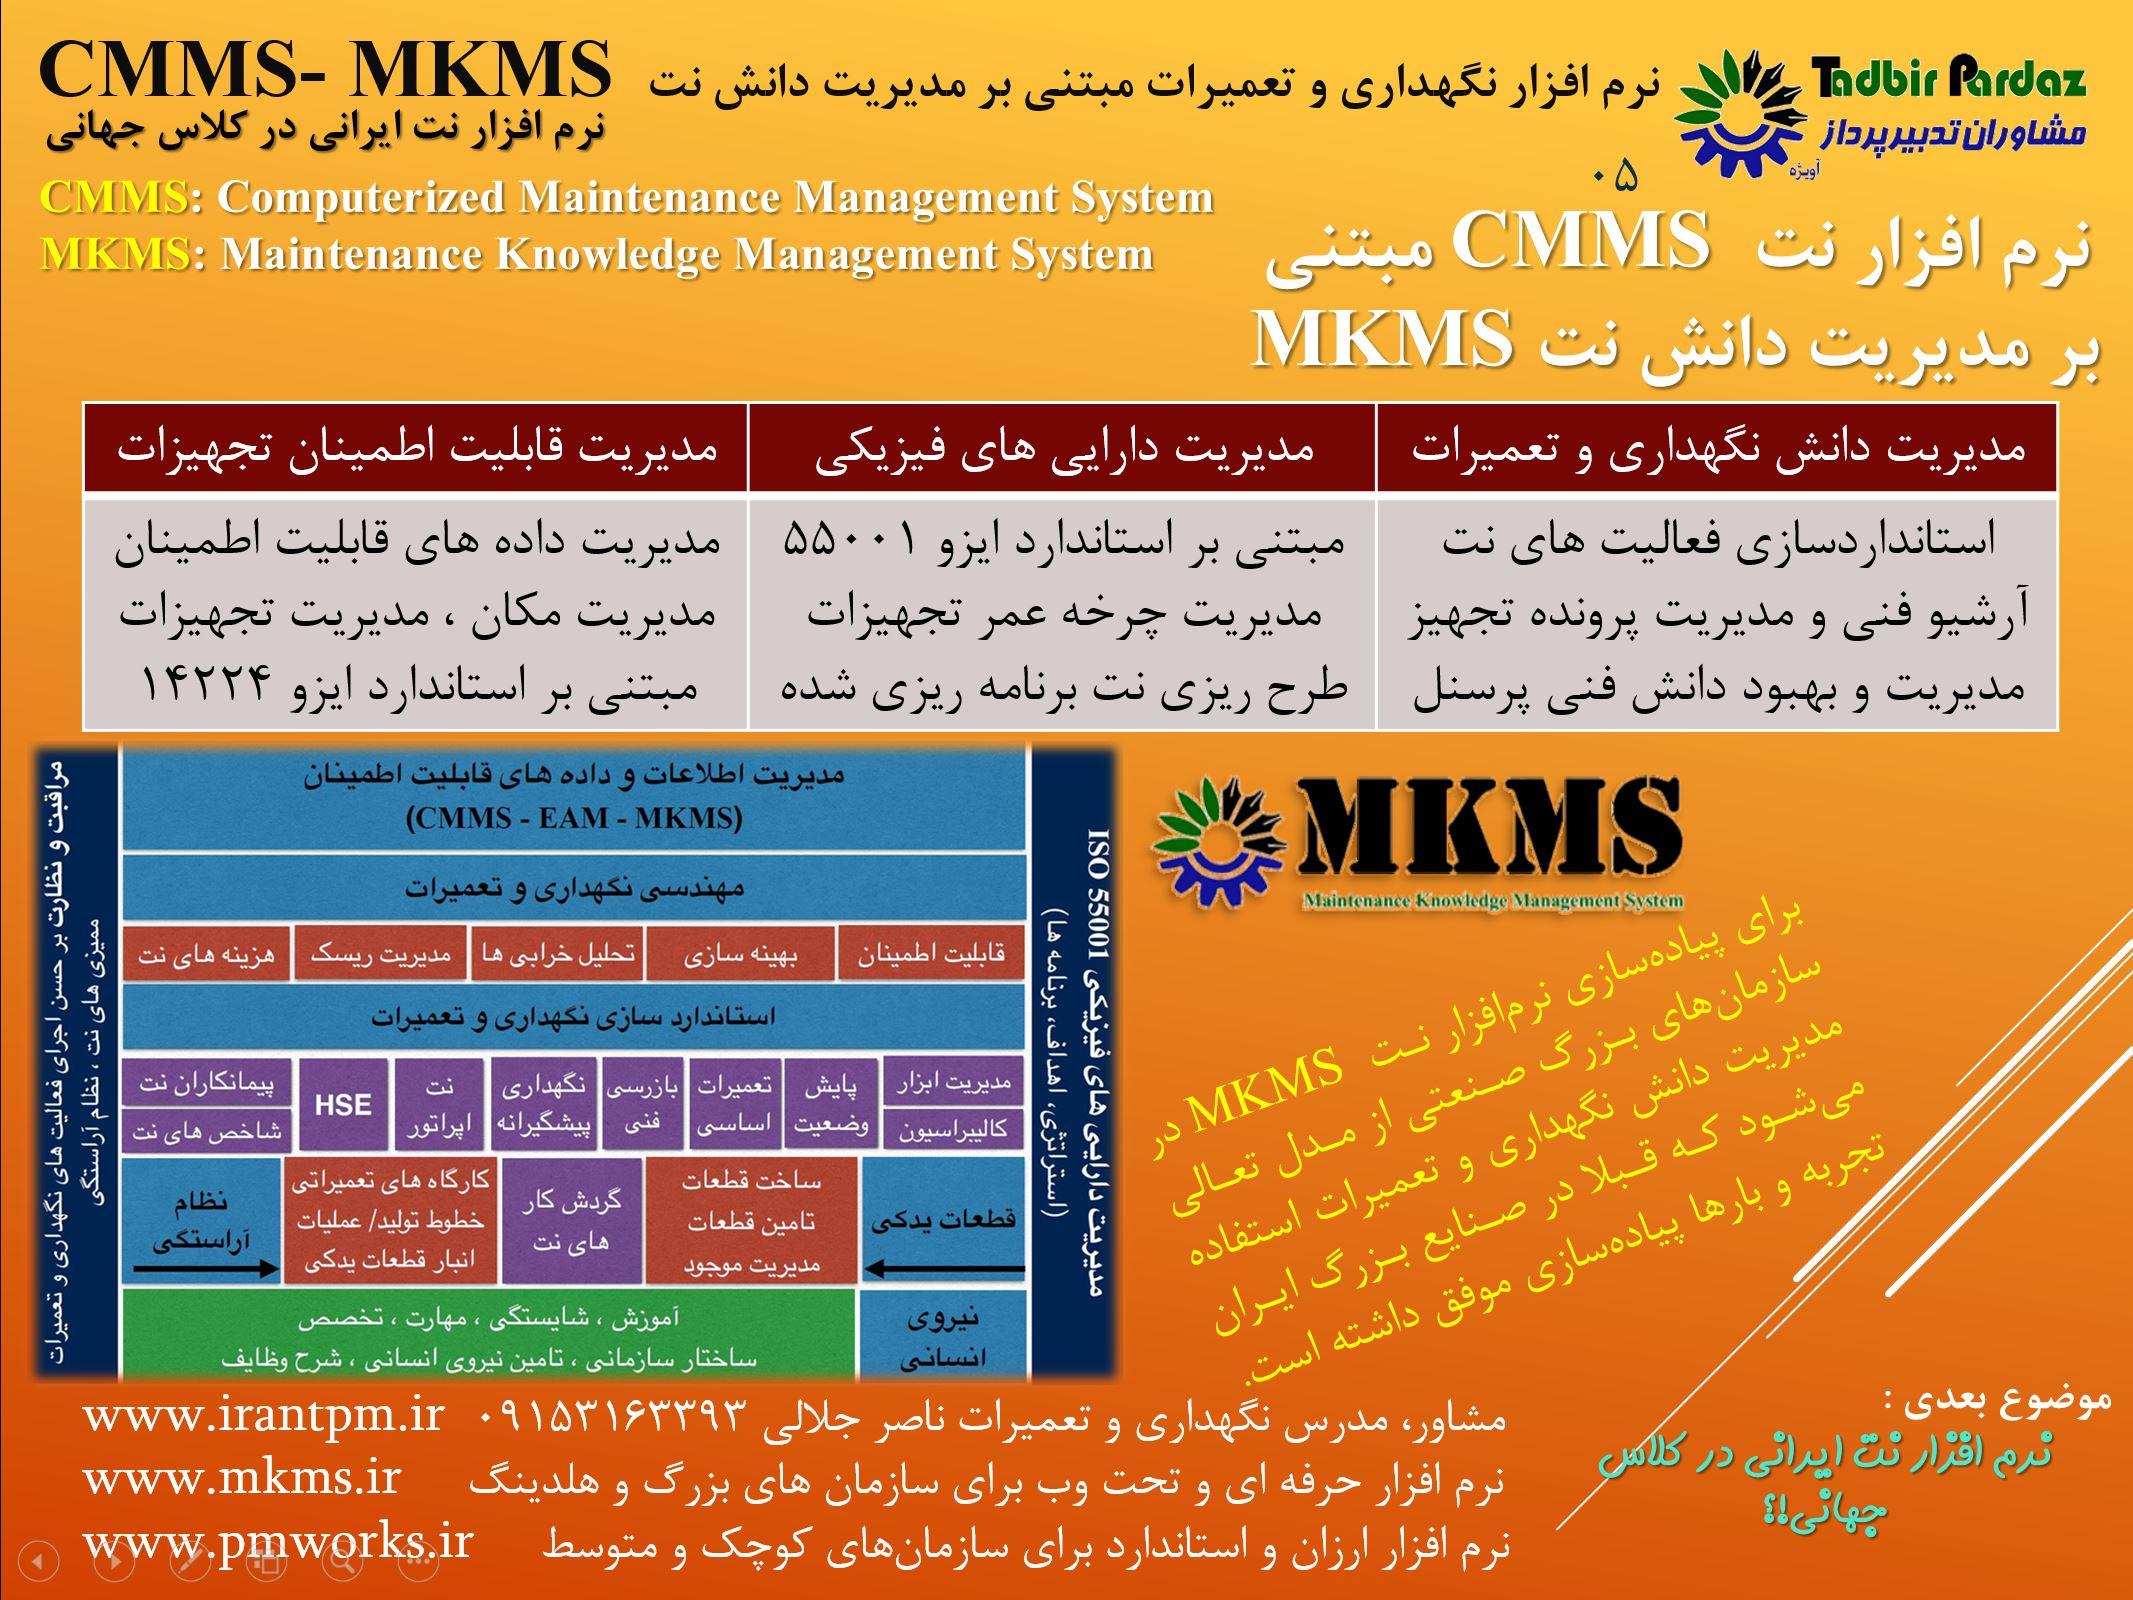 CMMS 06 MKMS Jalali  09153163393